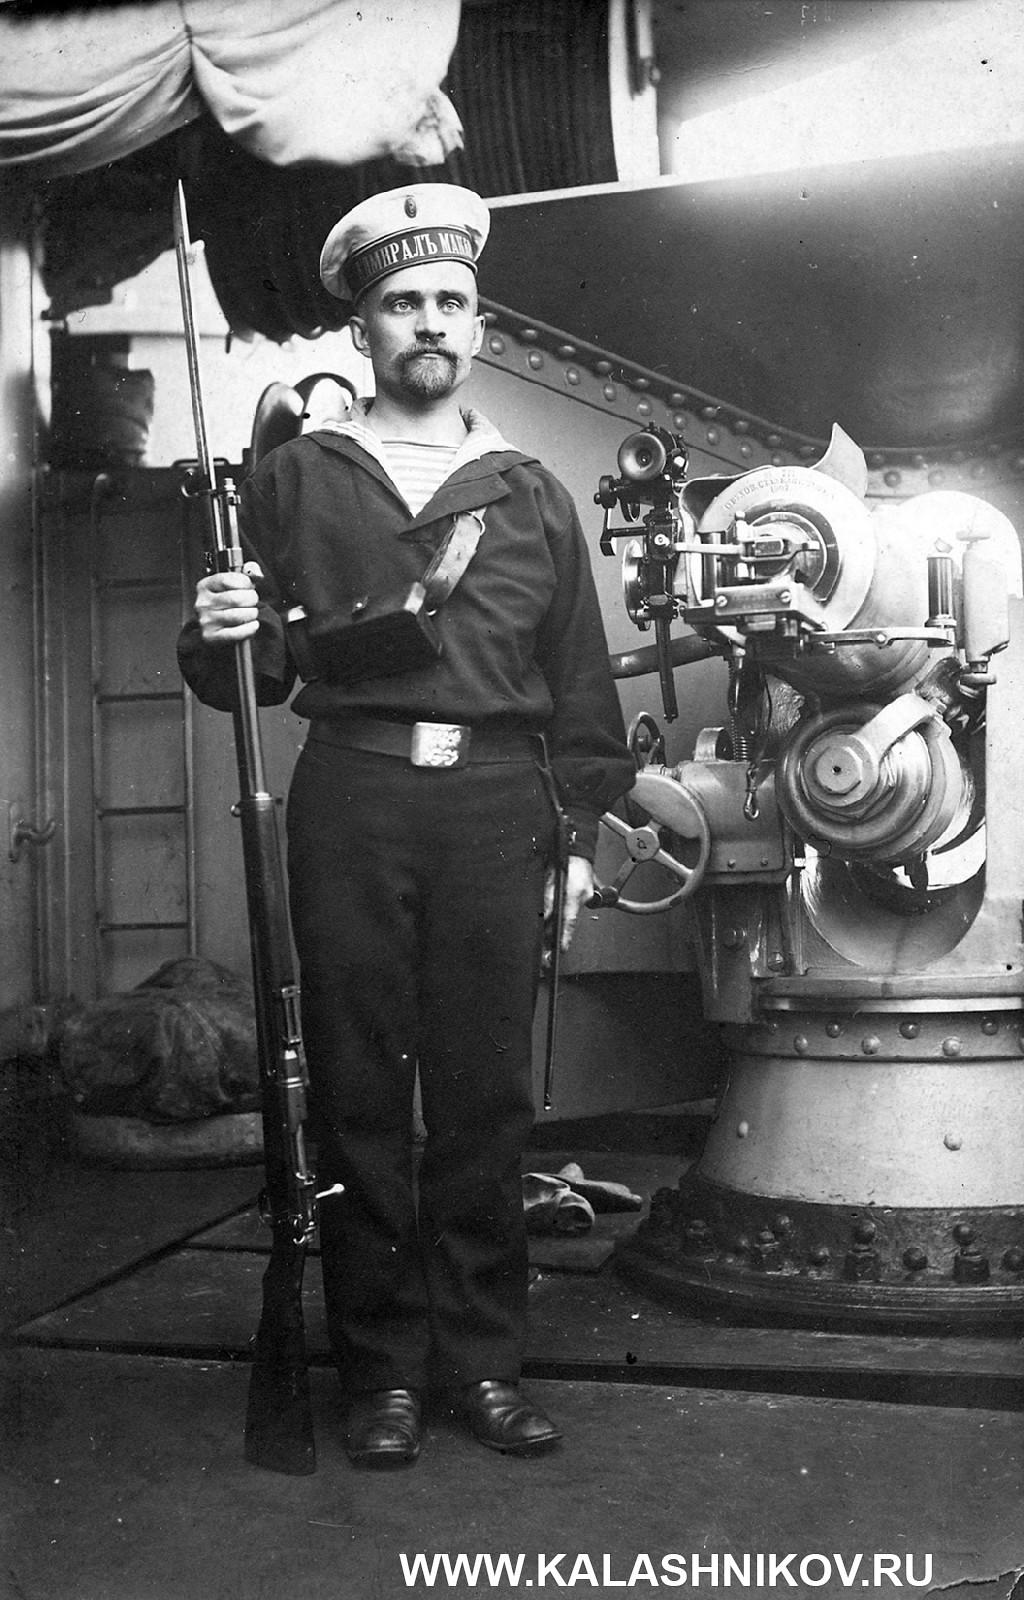 Матрос с винтовкой «Арисака» мод. 1897 г.